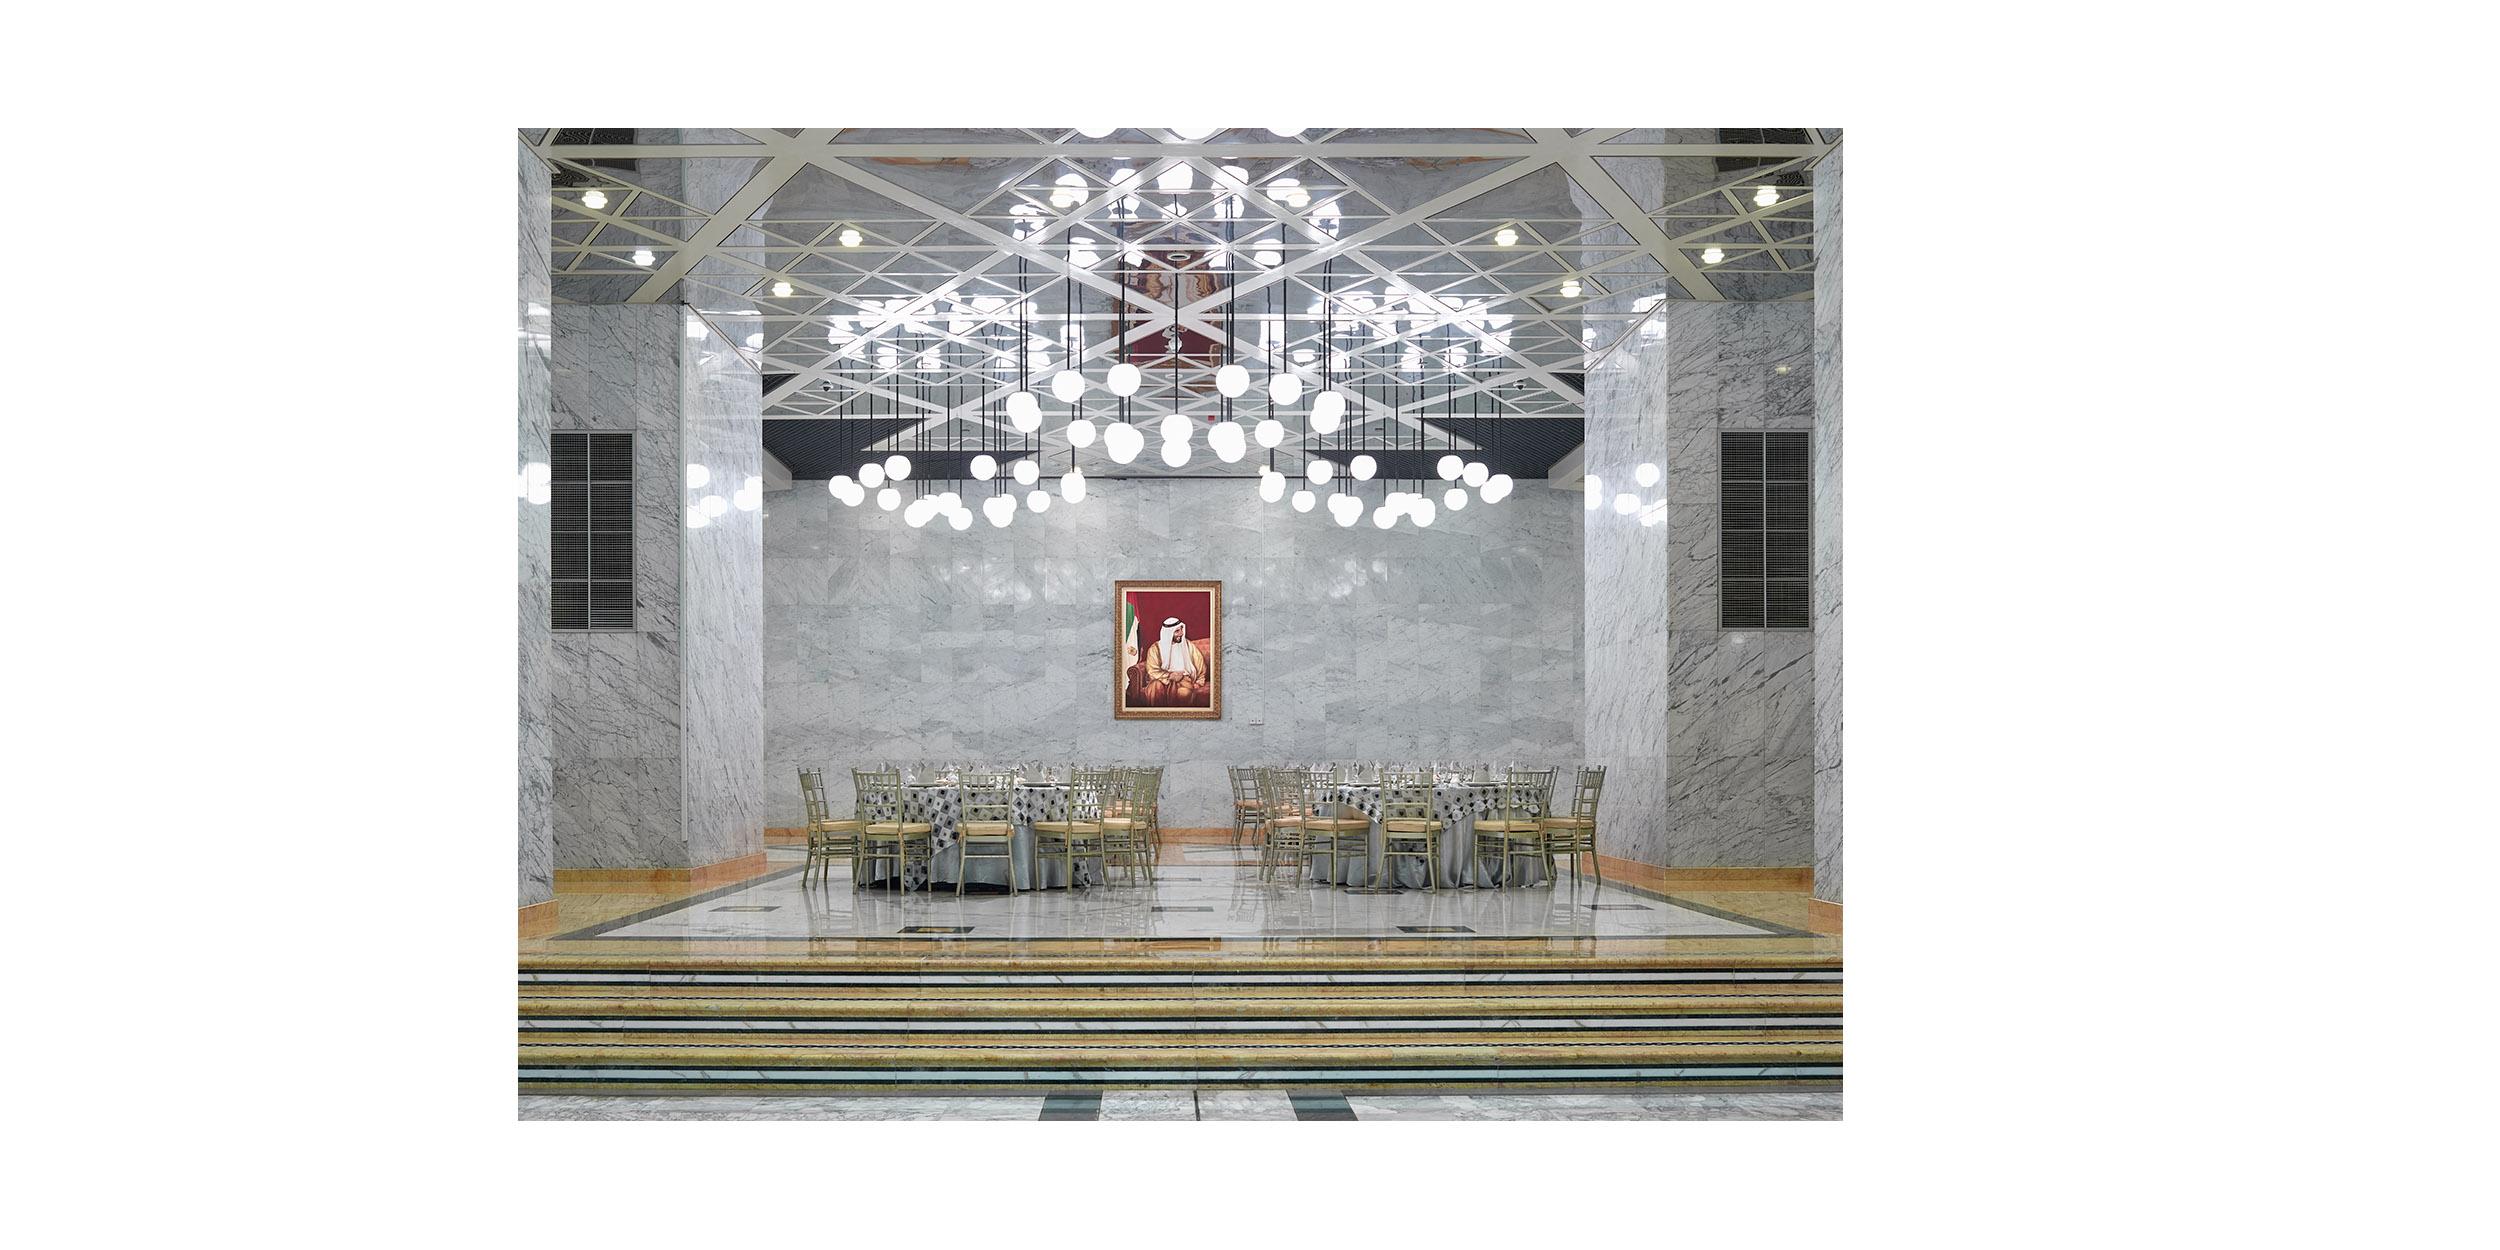 Banquet, Al Maqtaa, Abu Dhabi, from the series 'The Edge'